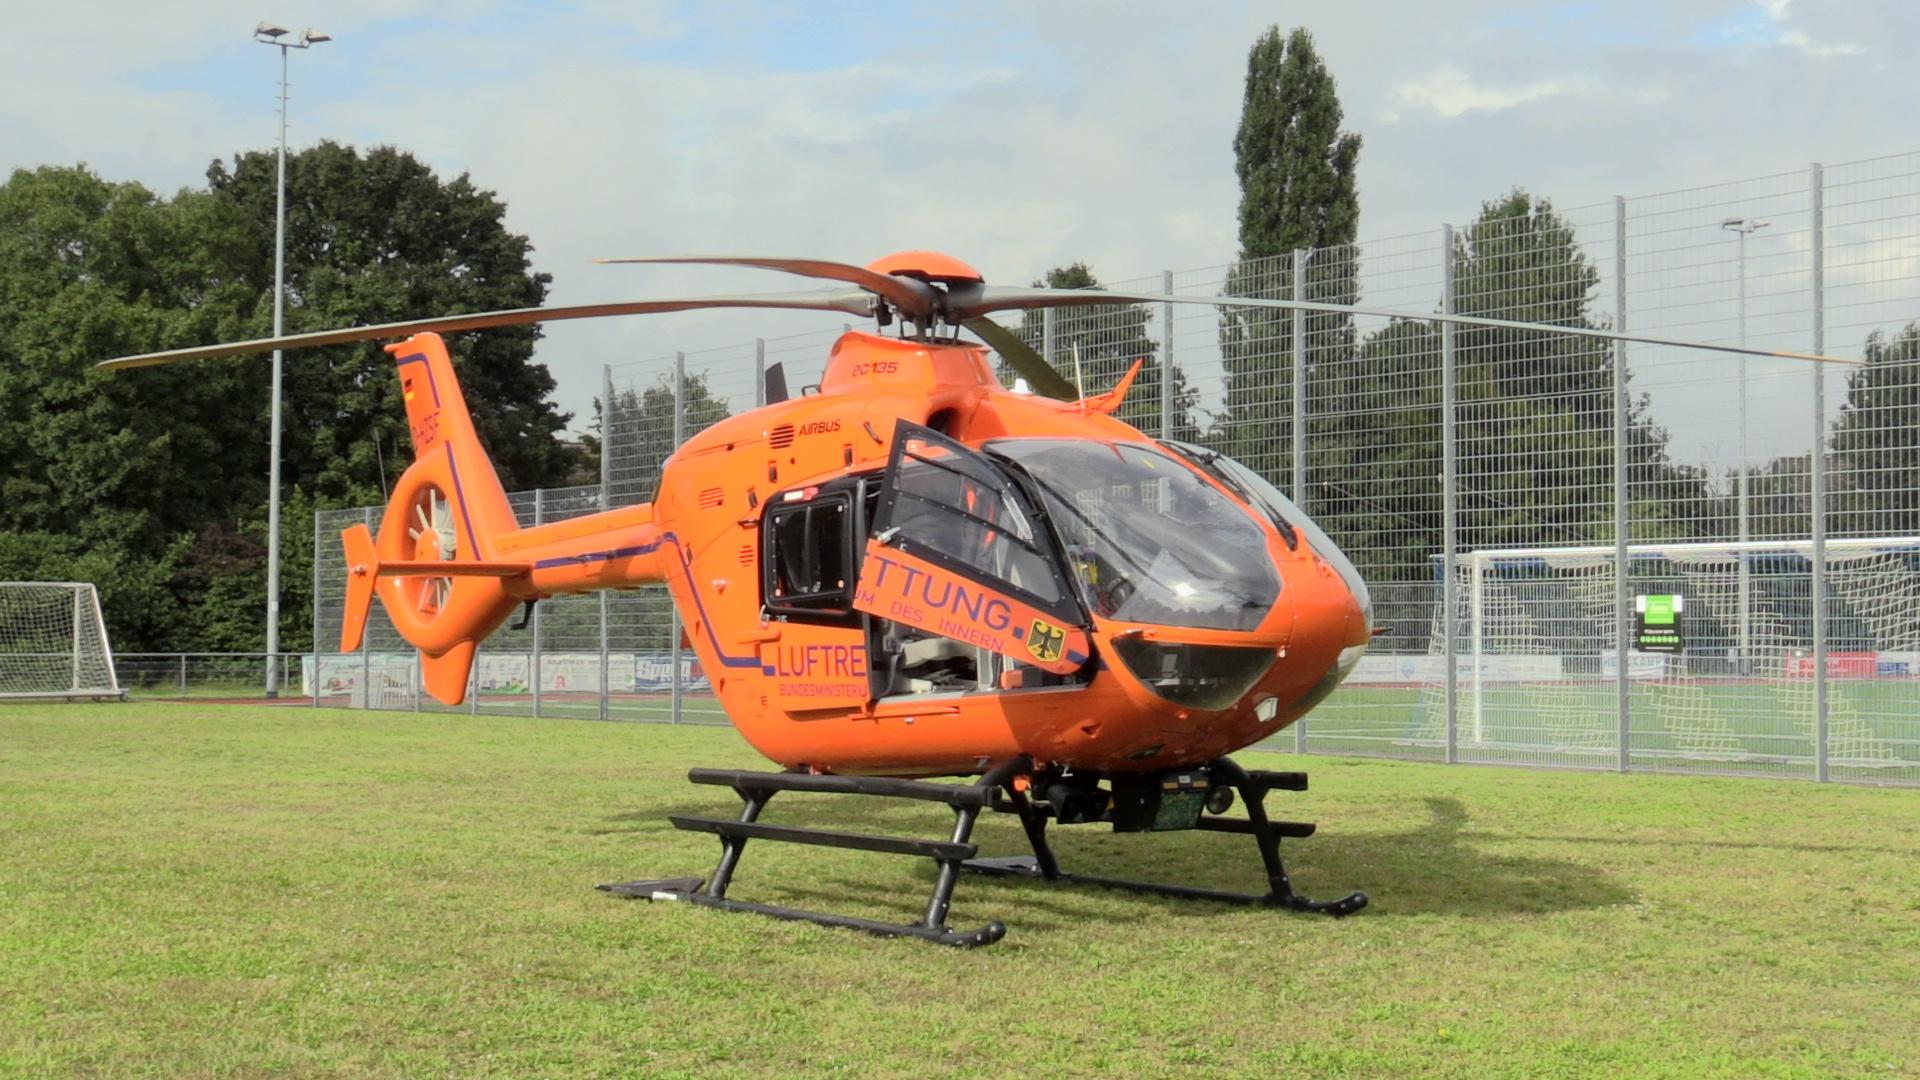 Einsatz_Hilden-August-Hubschrauber